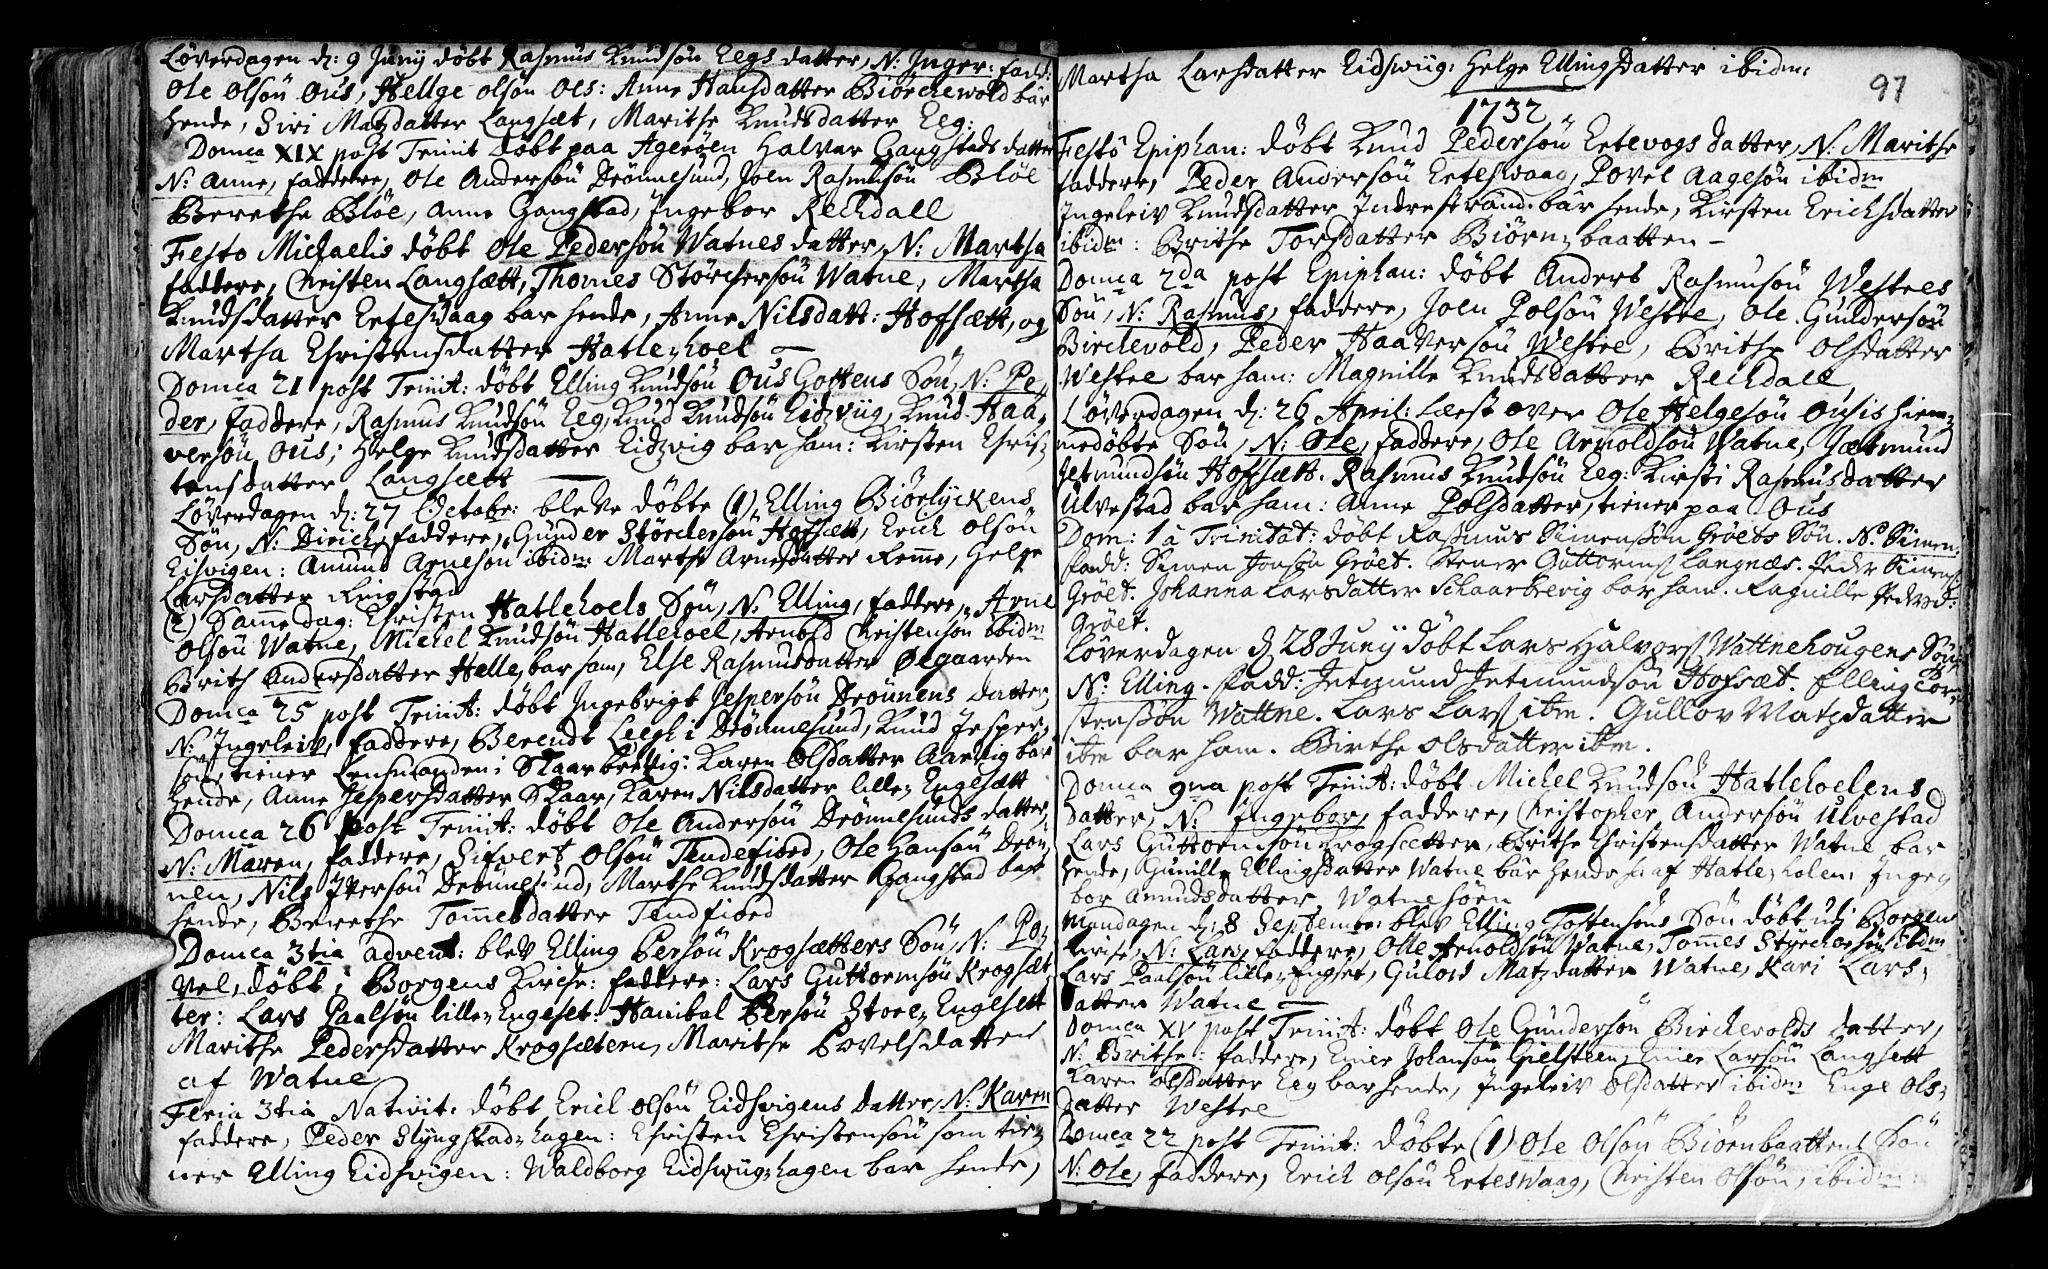 SAT, Ministerialprotokoller, klokkerbøker og fødselsregistre - Møre og Romsdal, 525/L0371: Ministerialbok nr. 525A01, 1699-1777, s. 97